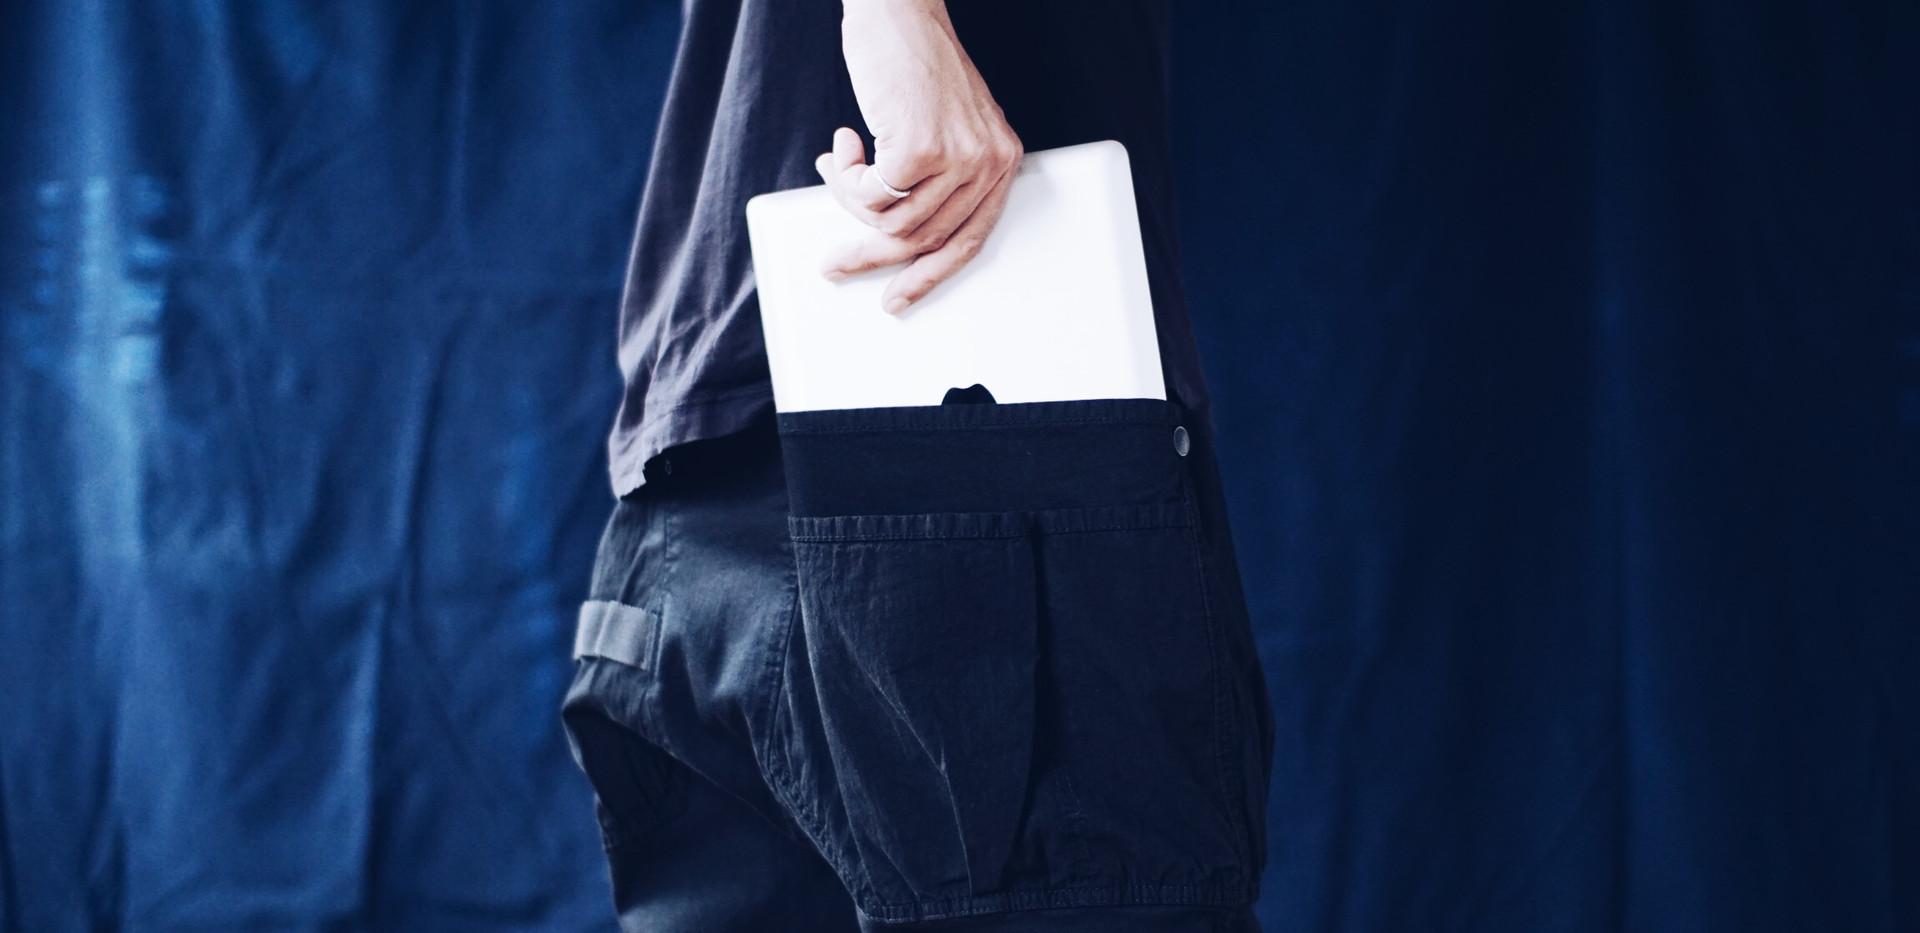 ipadなどのデバイスも入れられる大きなポケットは コットンナイロンの岡山県産テントクロスを使用しています。